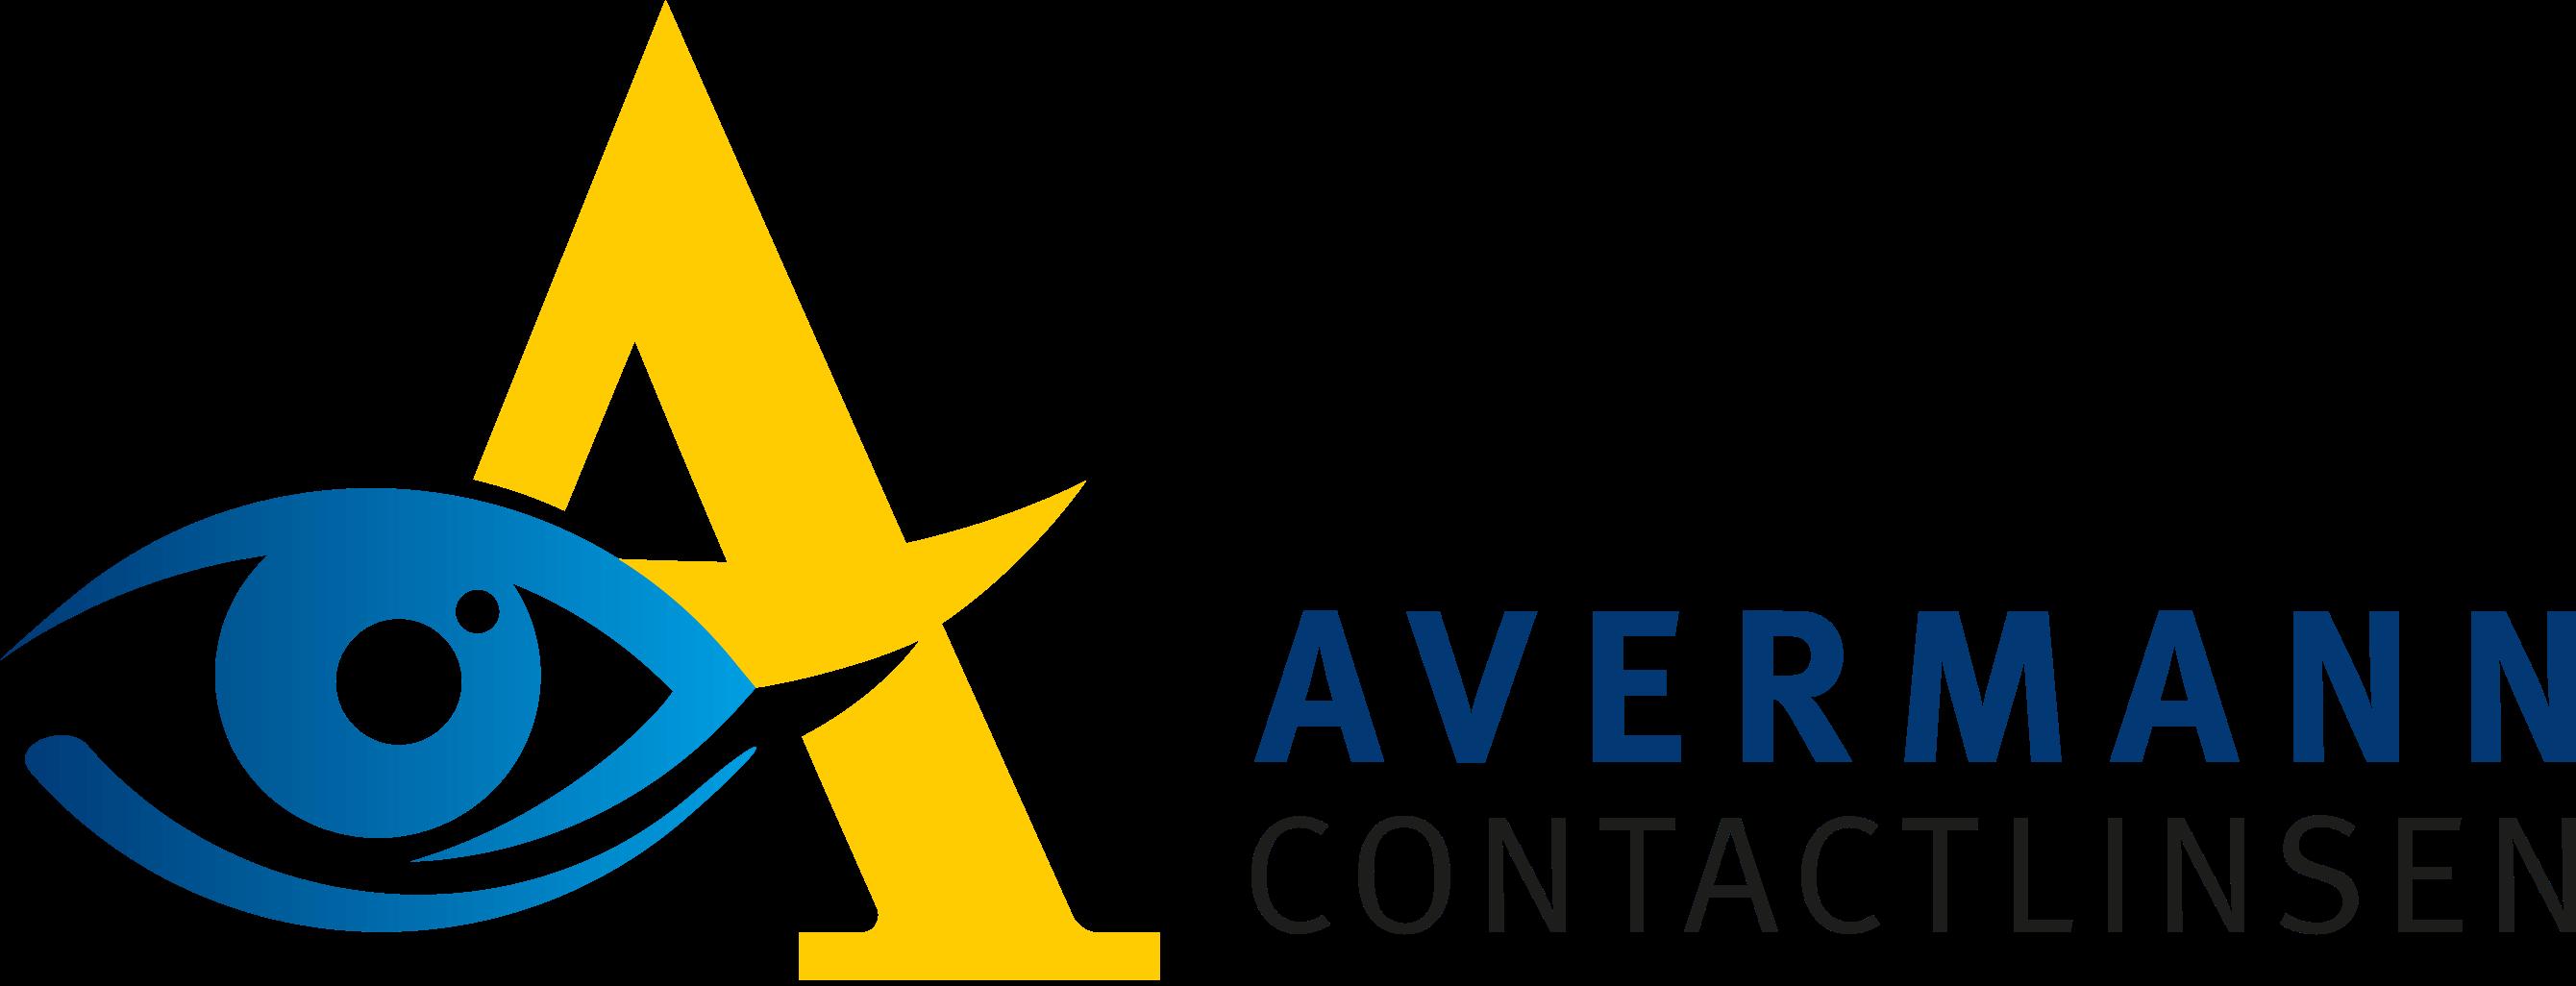 Avermann Contactlinsen